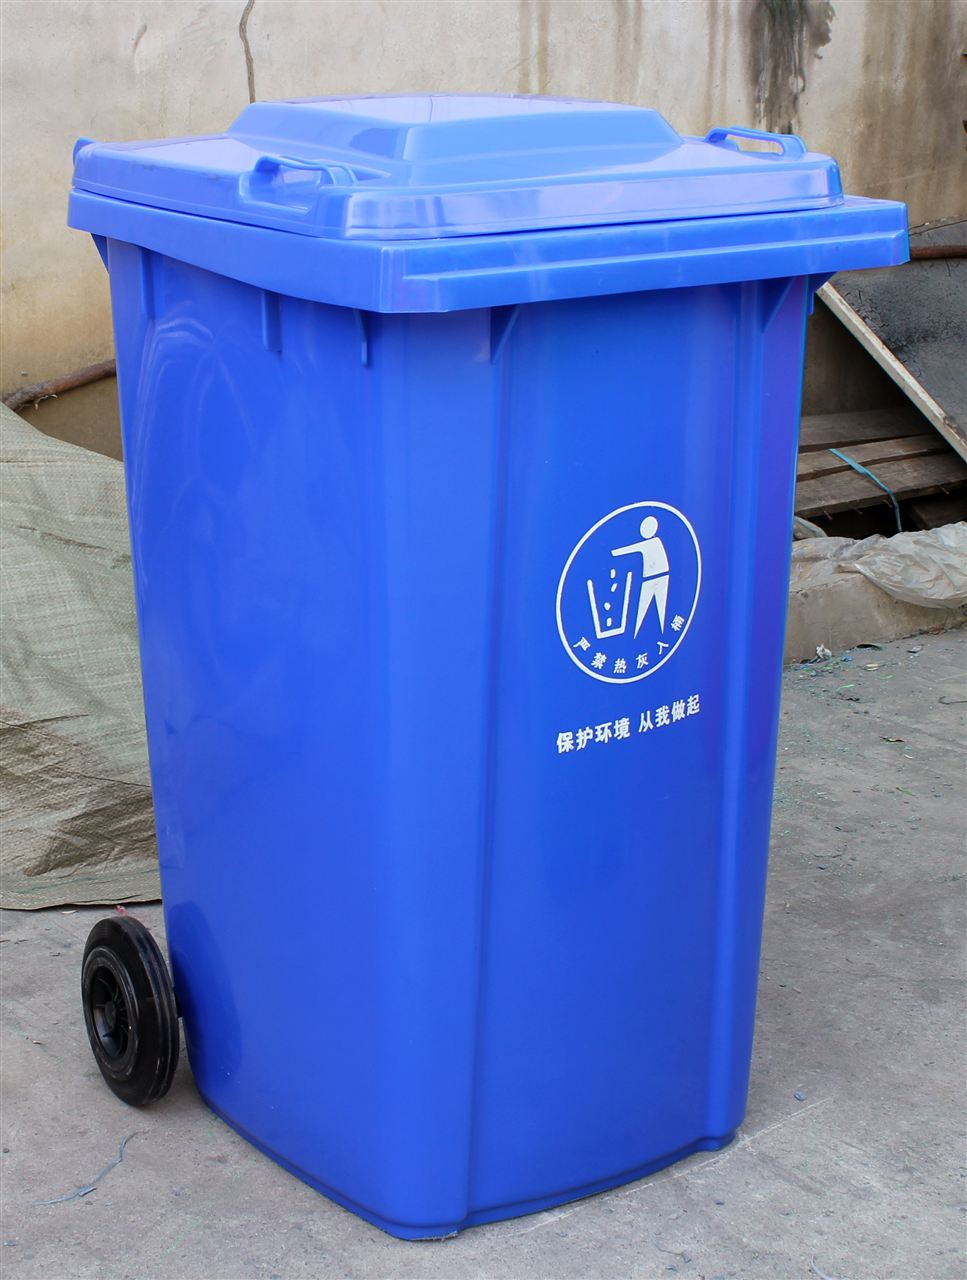 240l垃圾桶-苏州240l塑料环卫垃圾桶